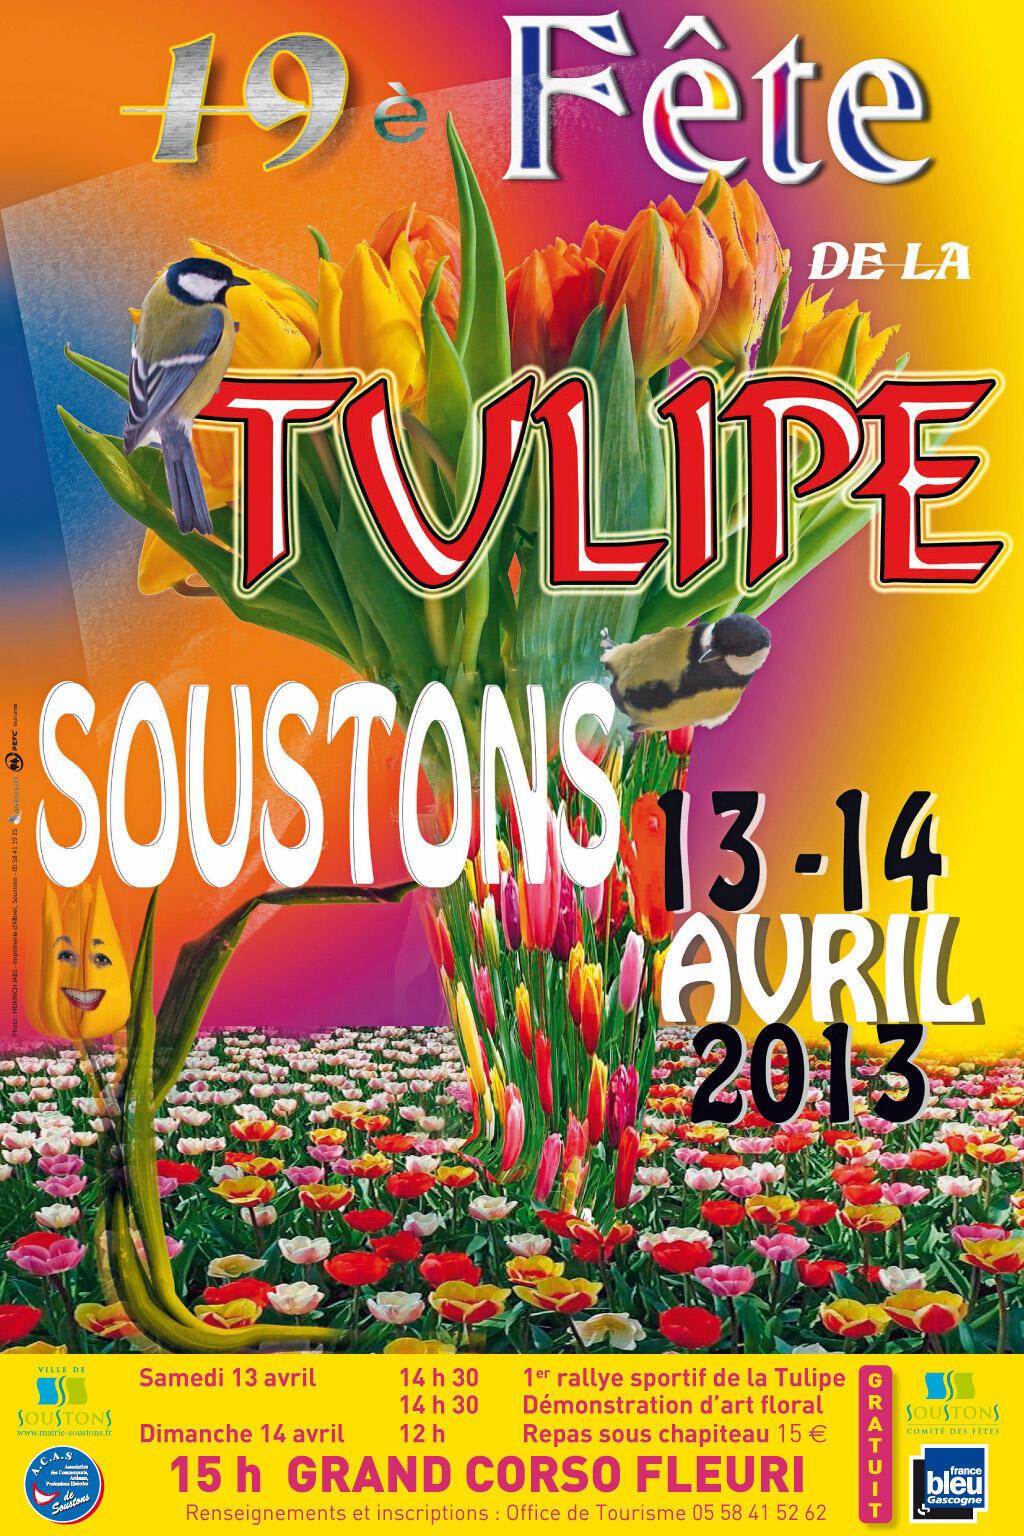 O Festival das Tulipas comemora sua 19ª edição na cidade de Soustons, sul da França.